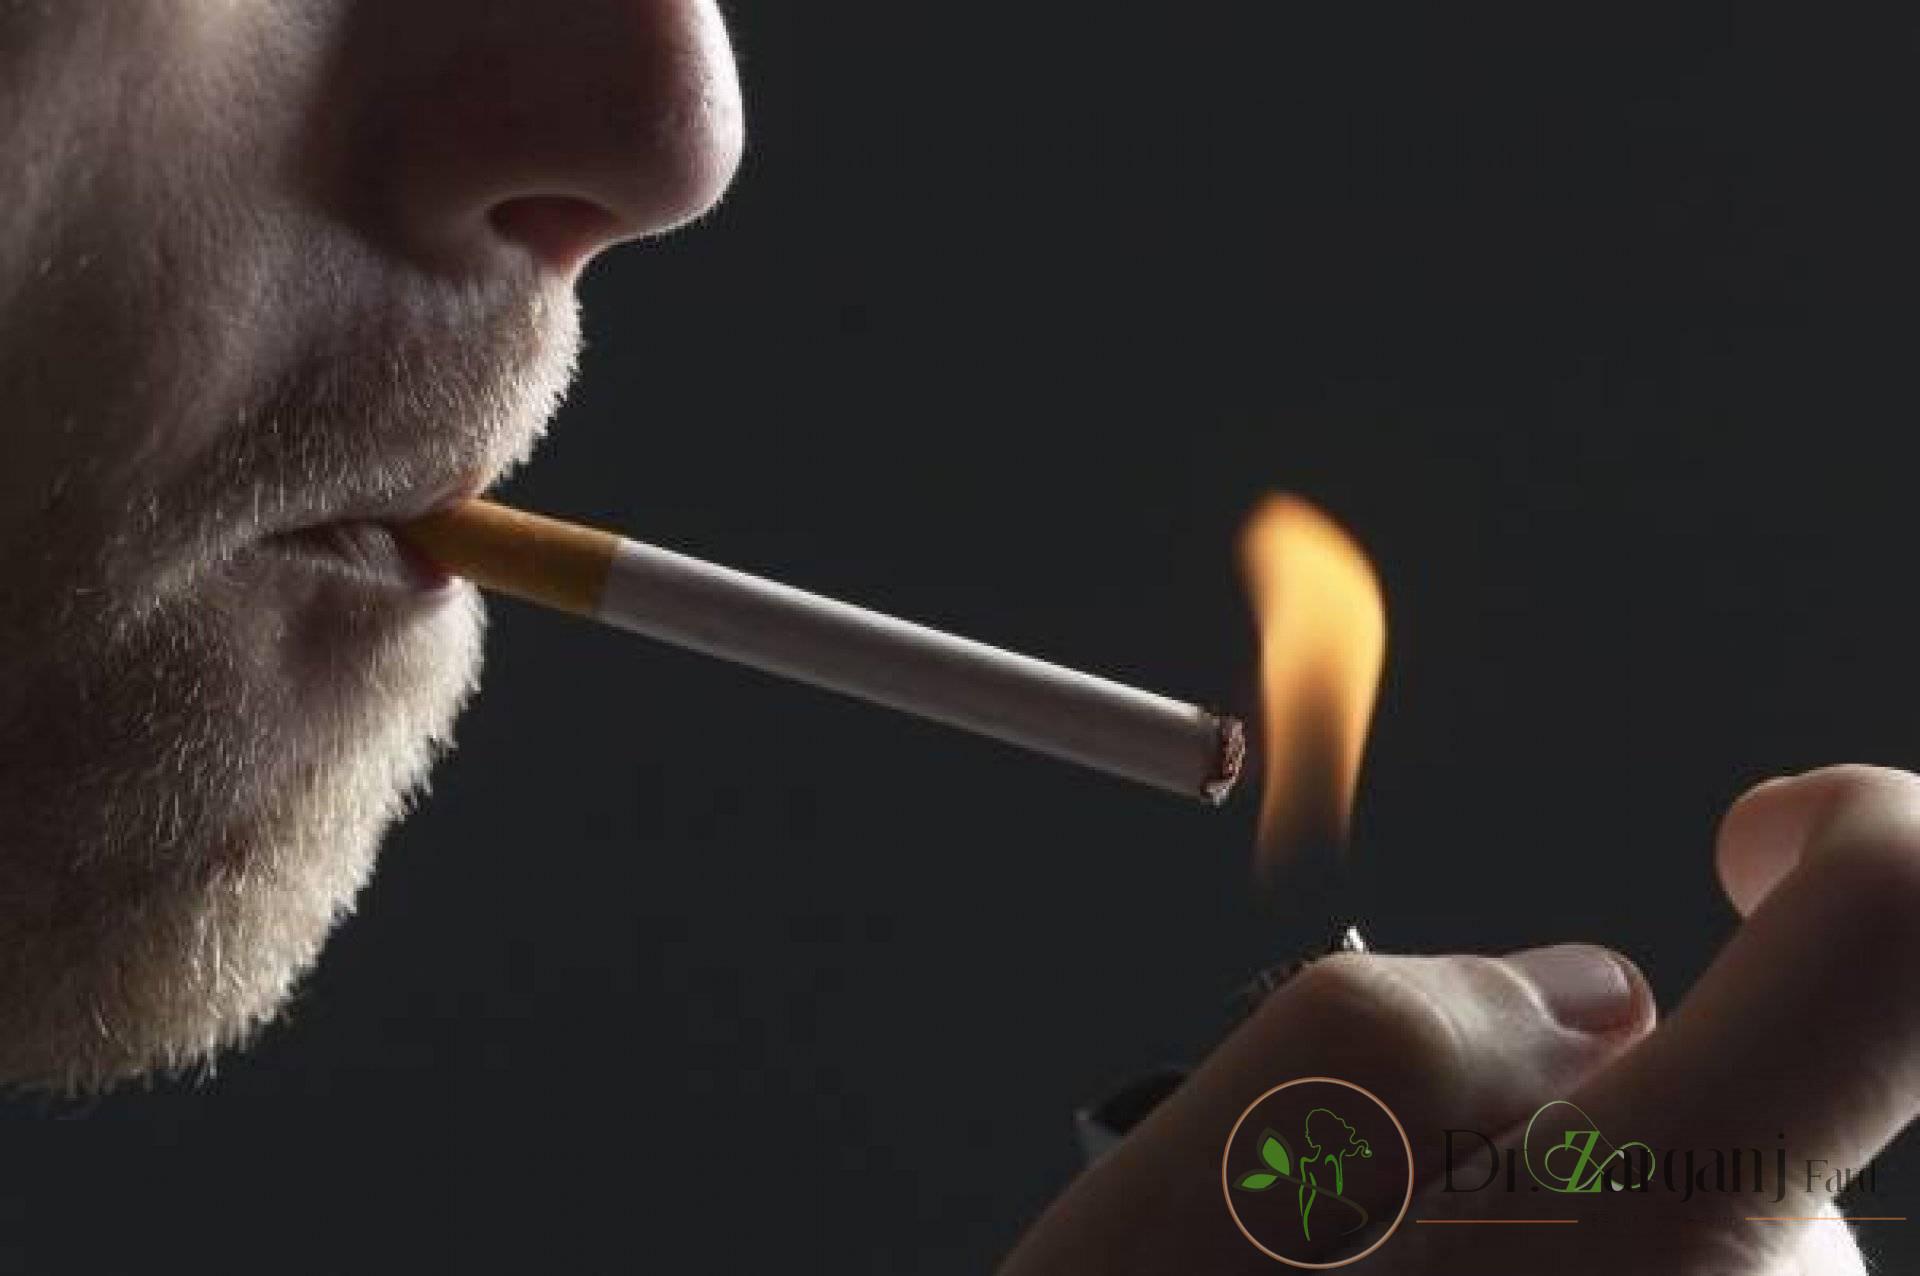 خودداری از سیگار کشیدن: